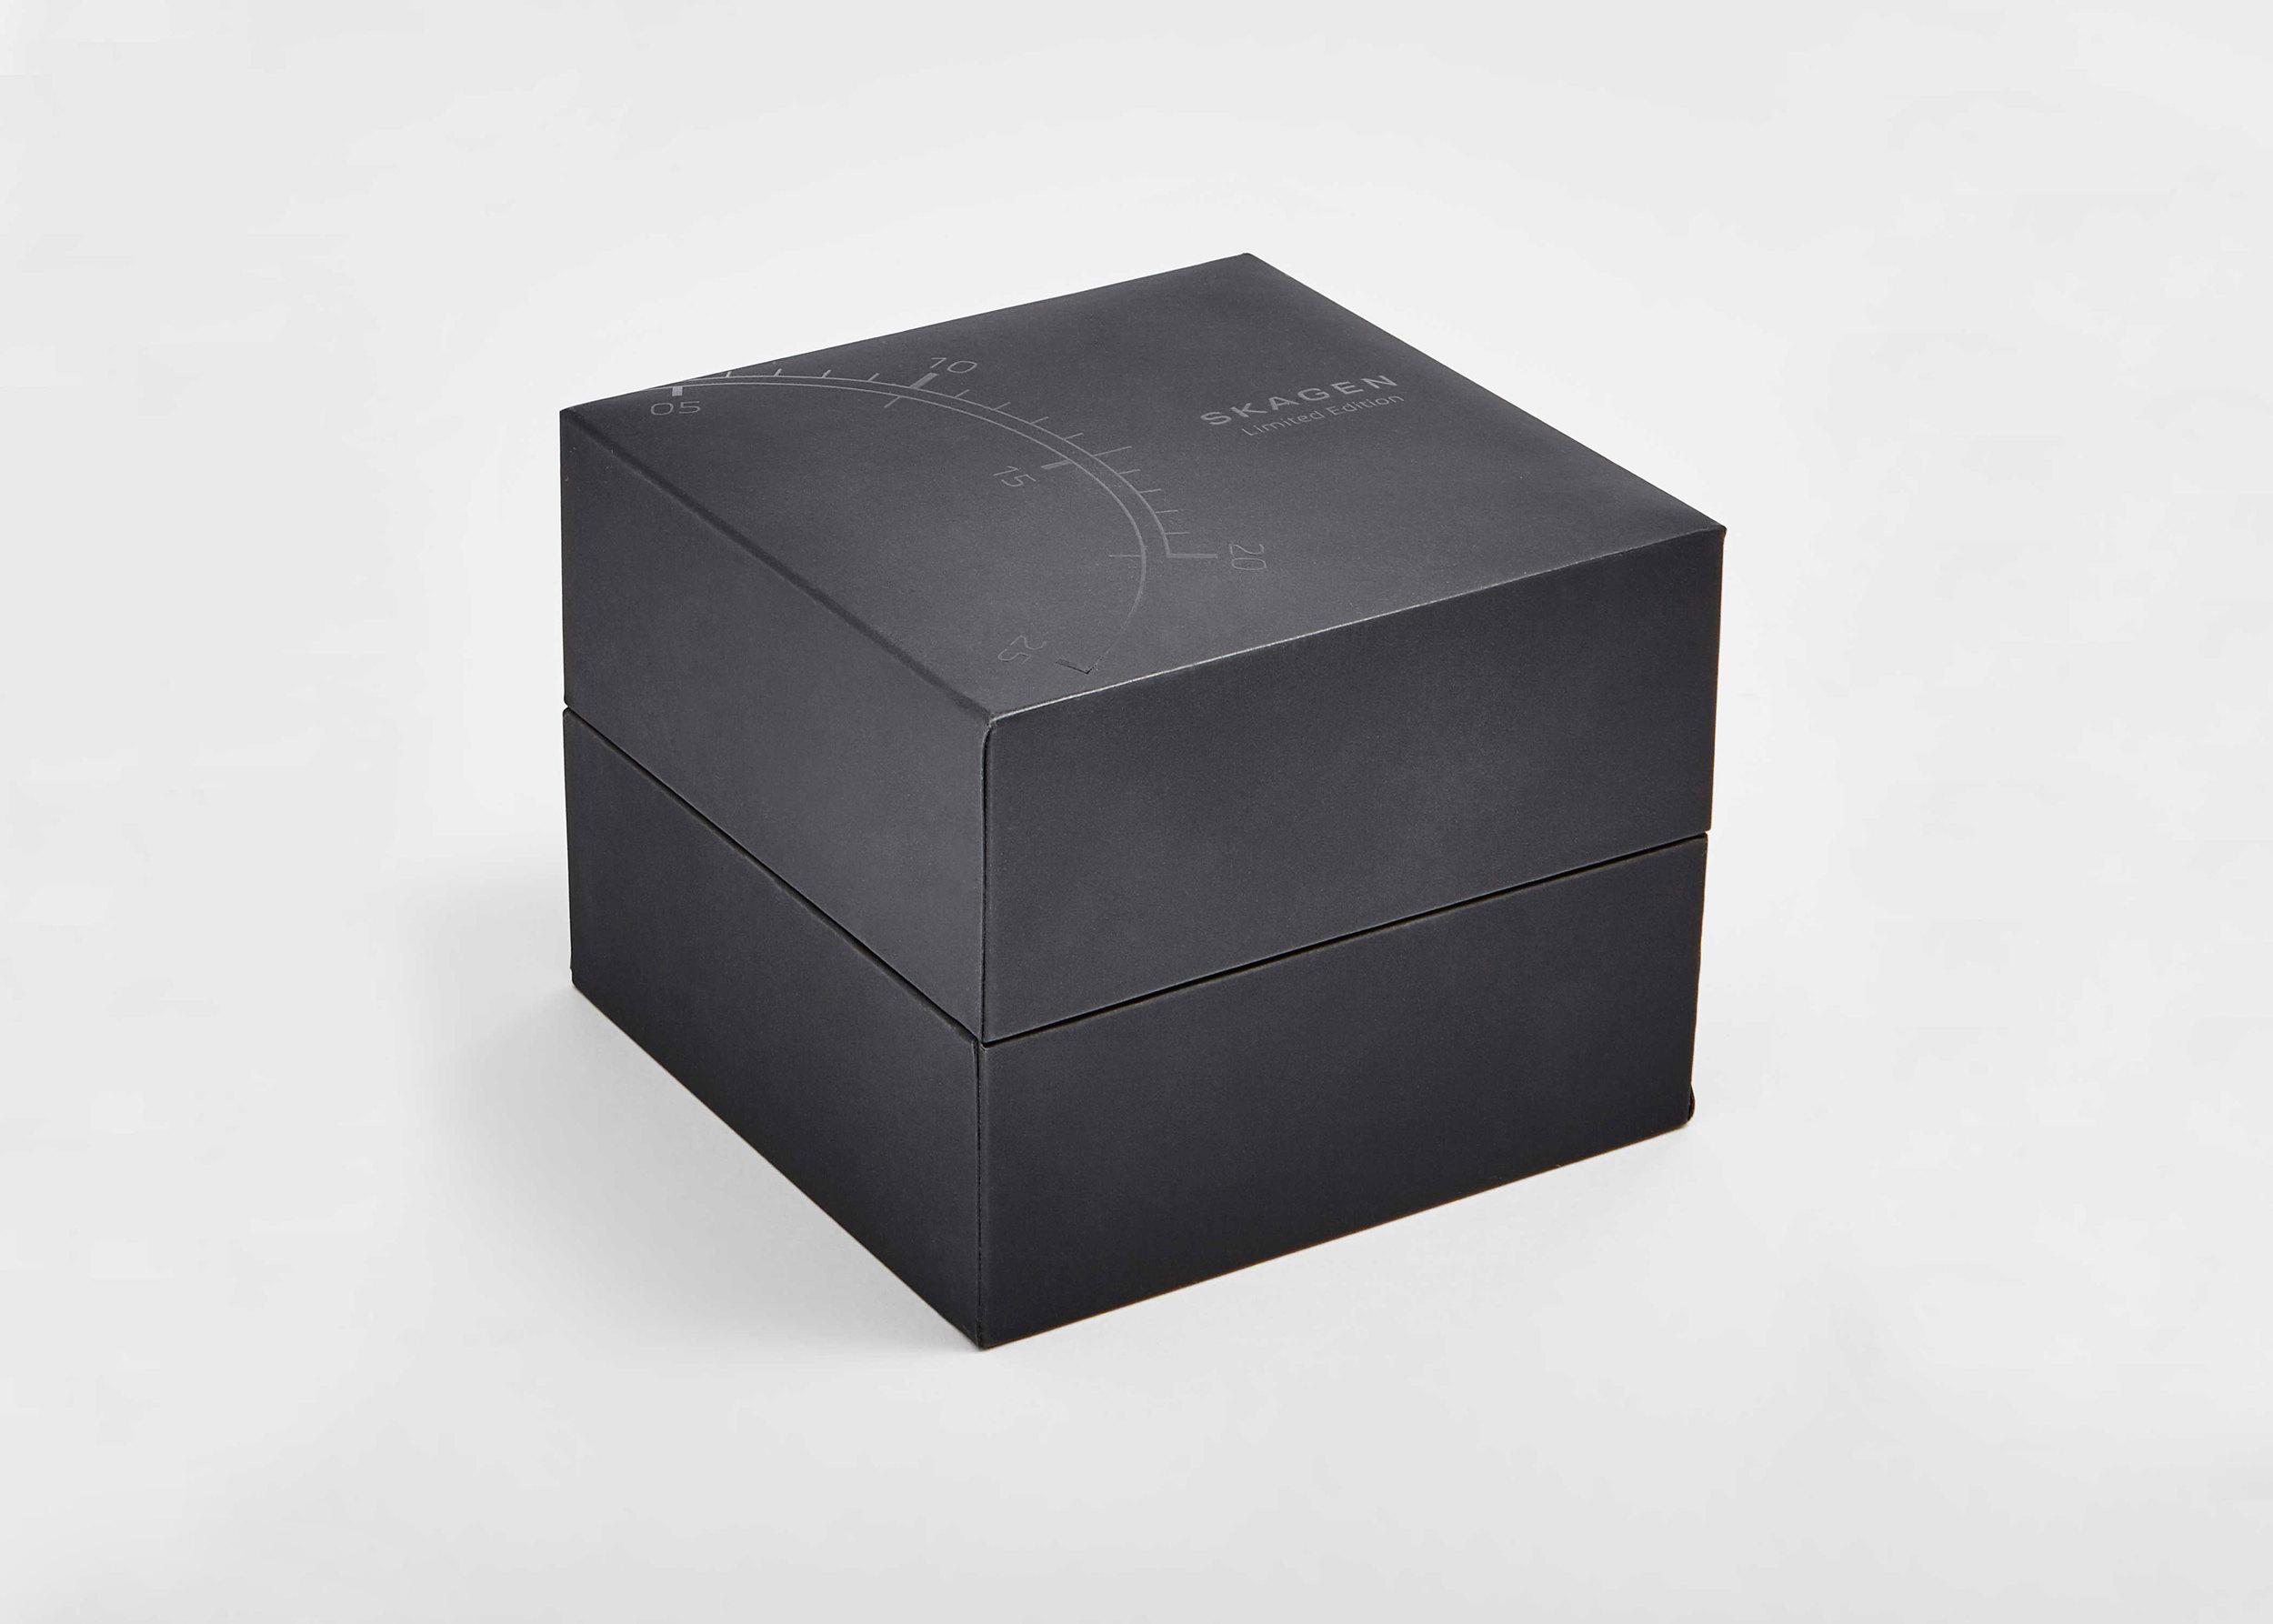 skagen_limitededition_packaging_02.jpg